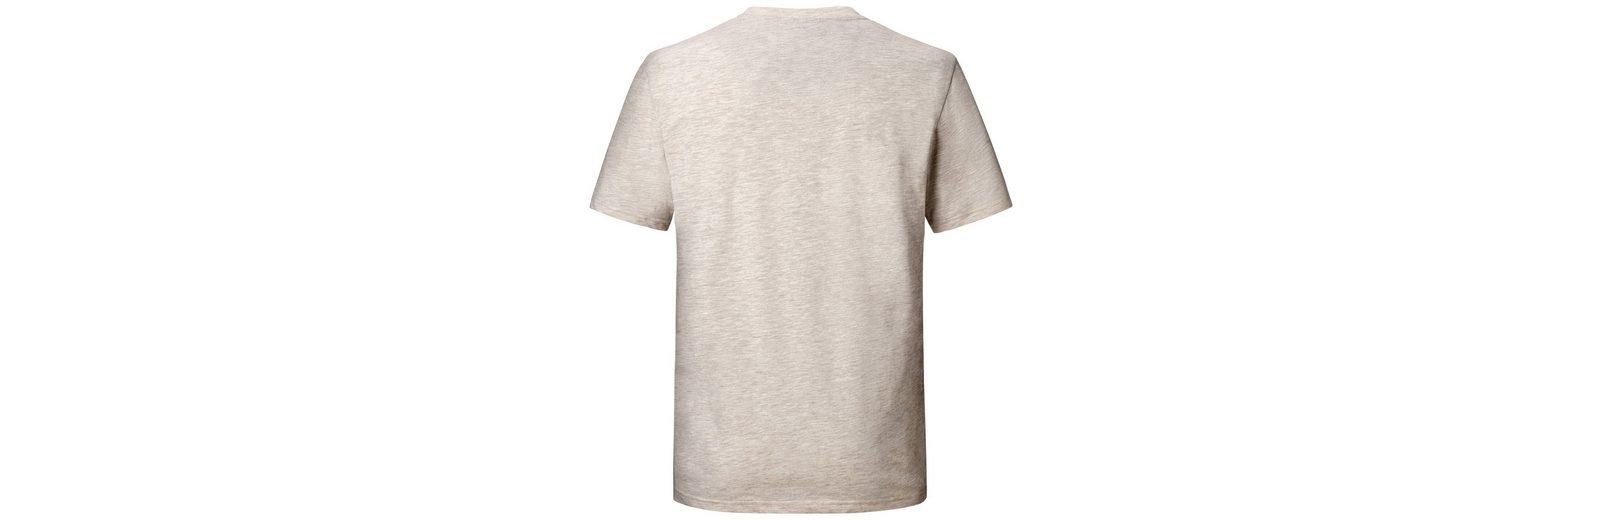 Jan Vanderstorm T-Shirt ALFRIED Kaufen Günstig Online KOlhRDxXD6